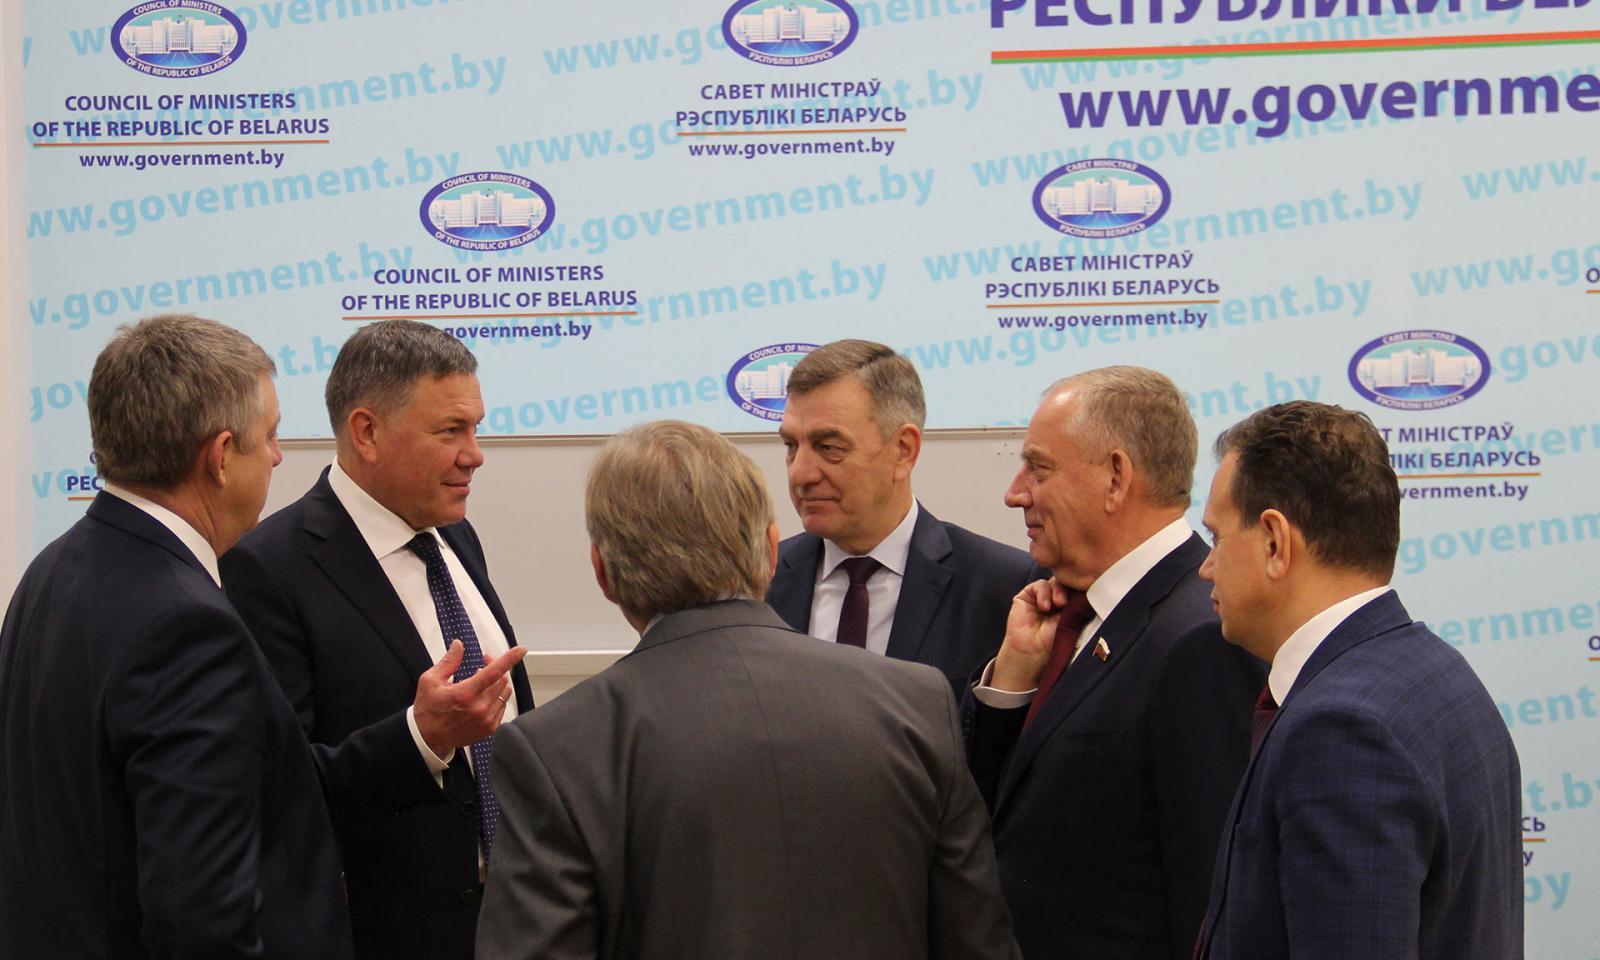 Спикер верхней палаты парламента Беларуси подивился успехам Брянской области